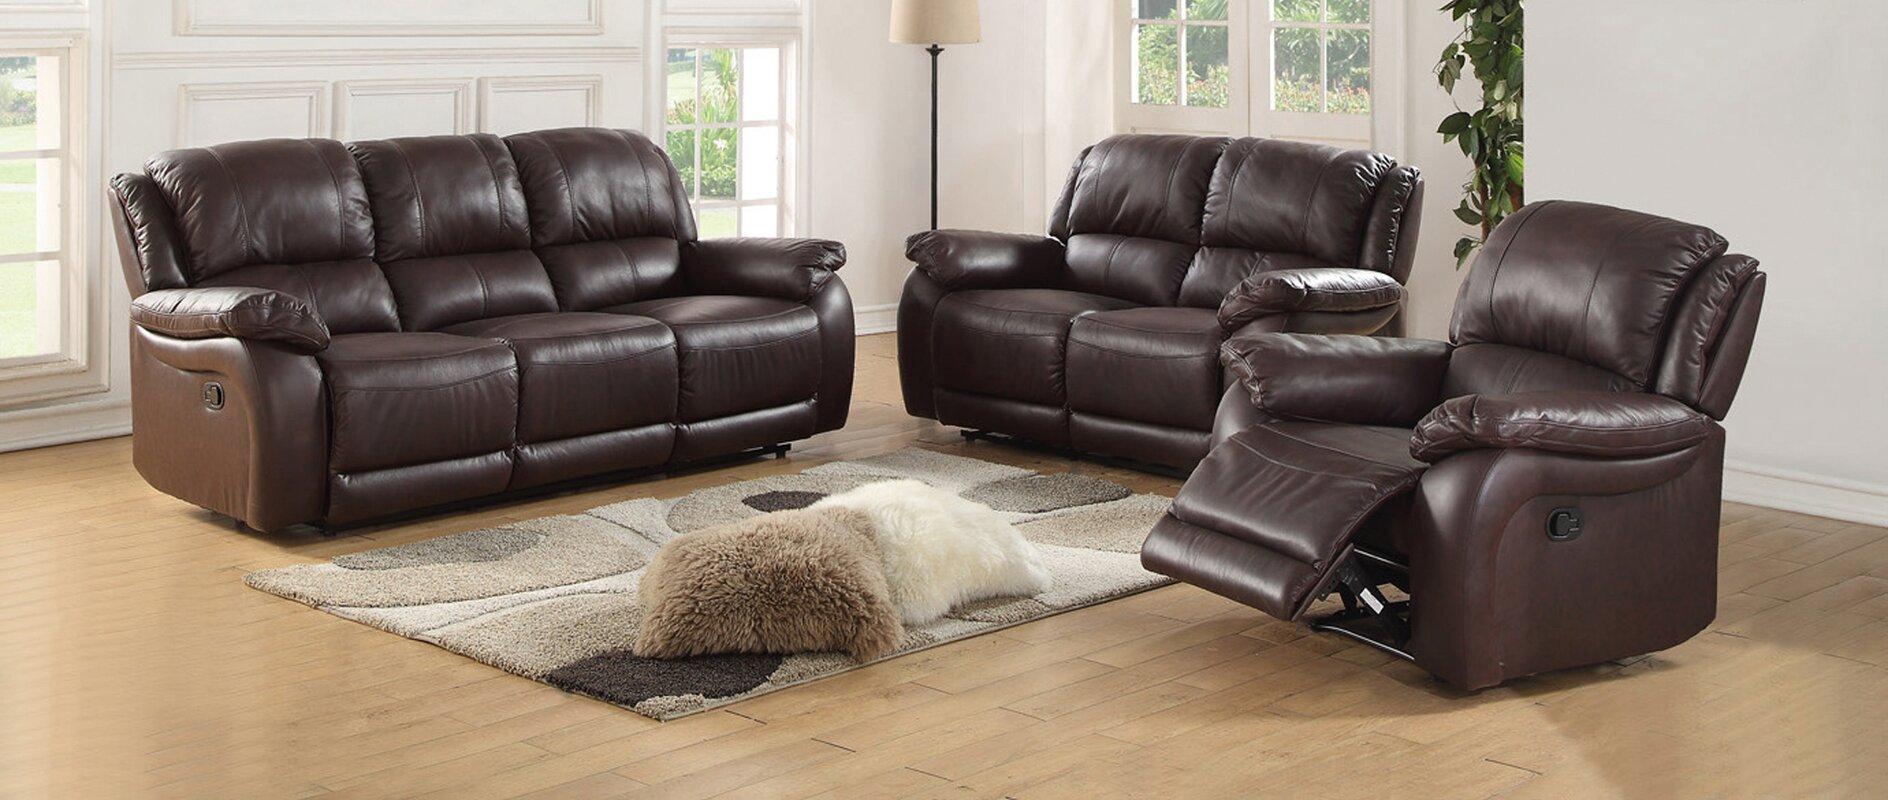 Latitude Run Juan 2 Piece Leather Living Room Set & Reviews | Wayfair